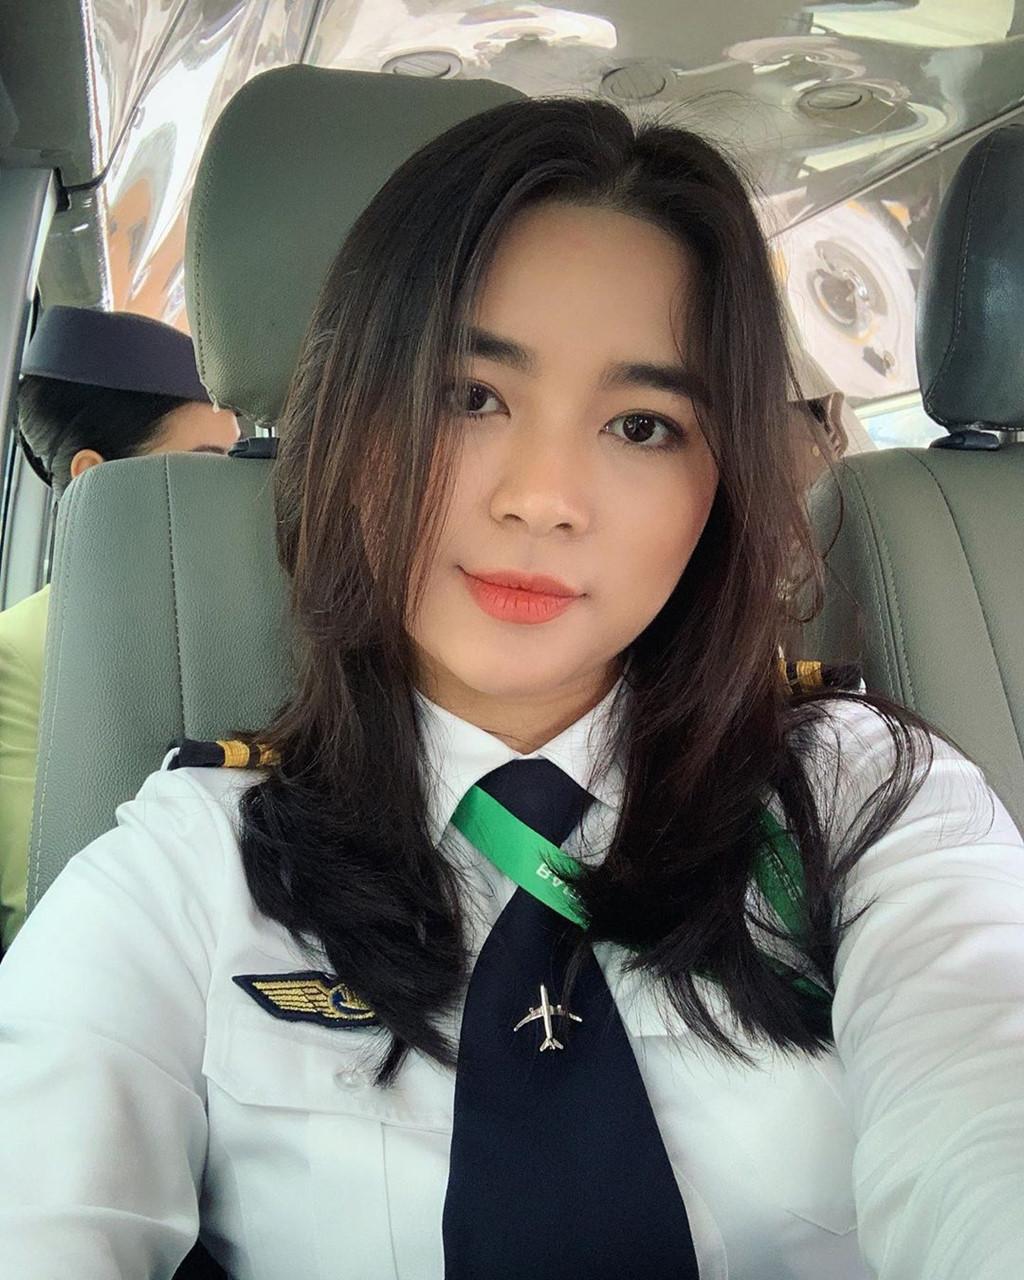 Phi cong Dieu Thuy: 'Tieu duoc tien cua dan ong Tay khong de' hinh anh 4